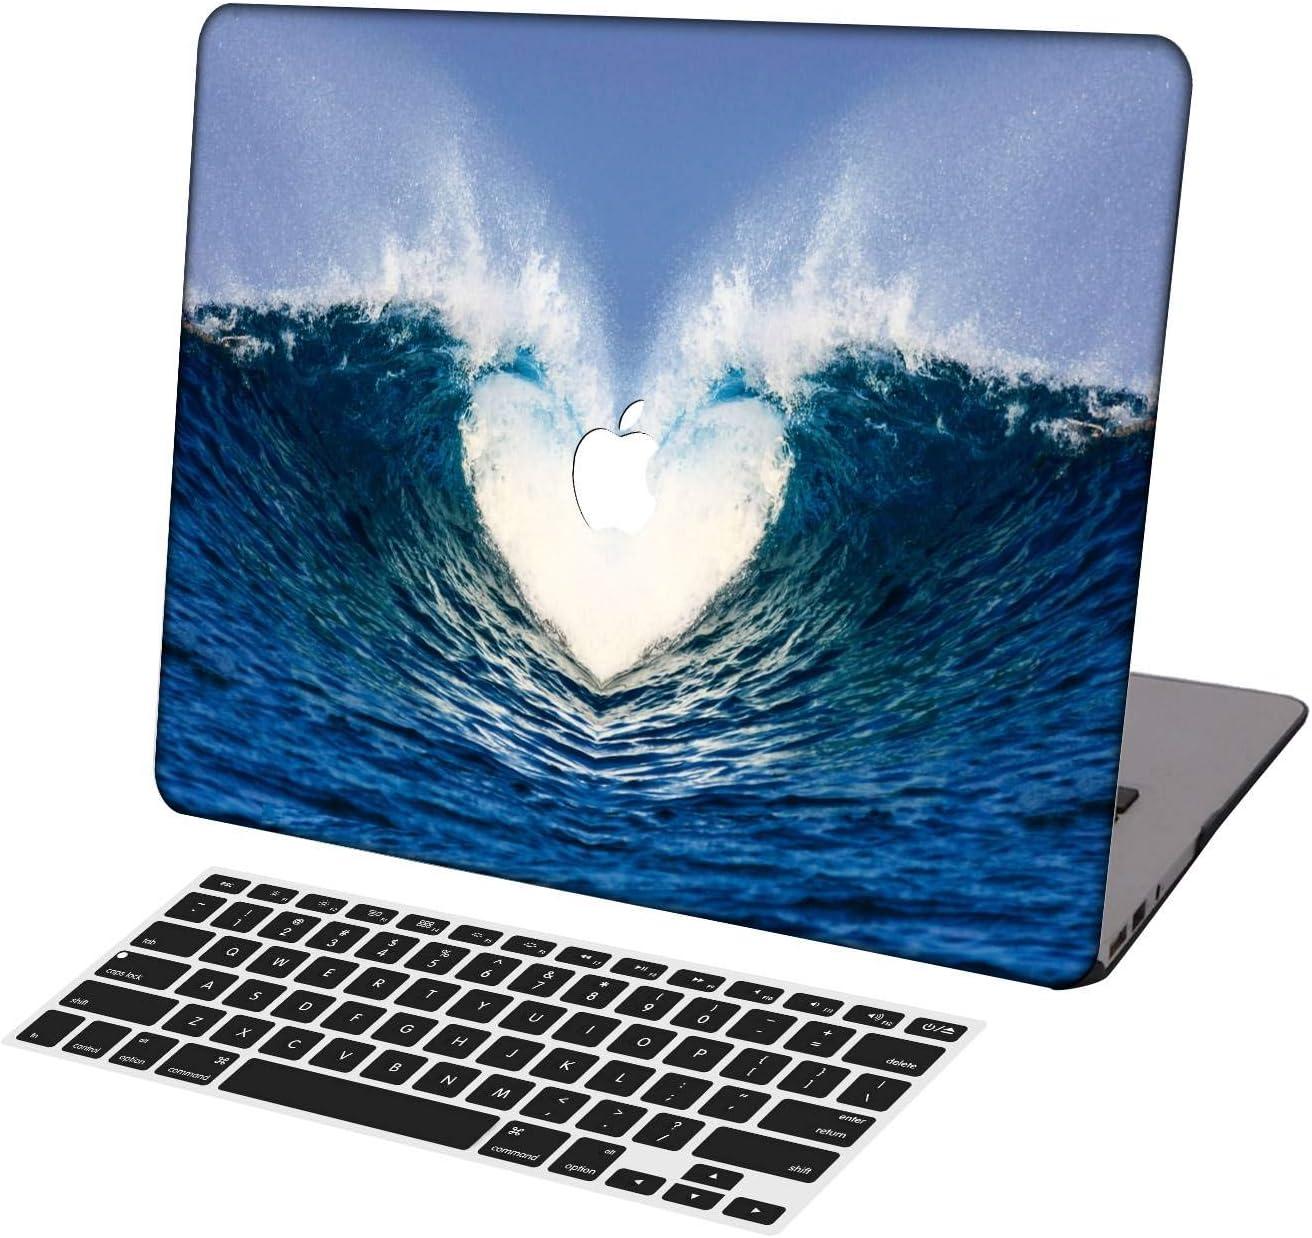 KSK KAISHEK Laptop Case for 2016-2020 Release MacBook Pro 13 Inch Model:A2338 M1/A2289/A2251/A2159/A1989/A1708/A1706,Plastic Ultra Slim Light Hard Shell Keyboard Cover,Heart Ocean